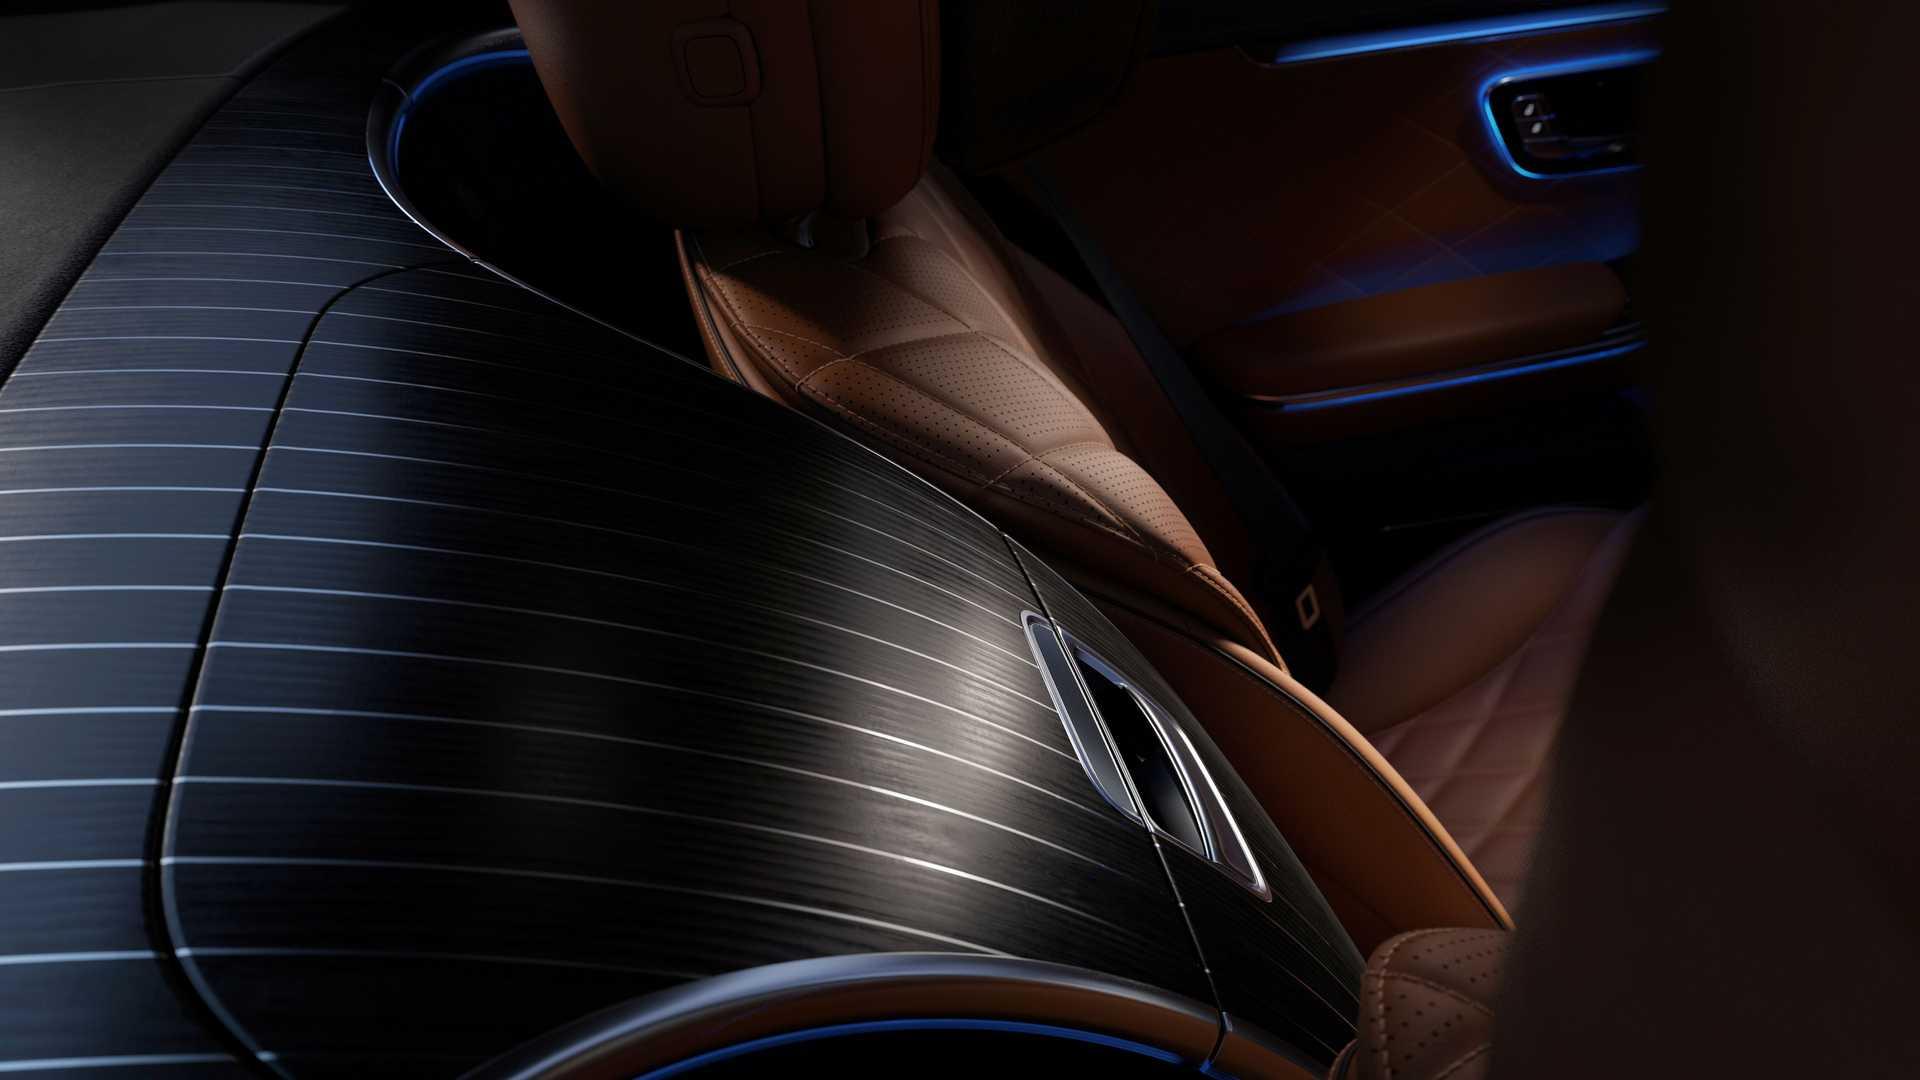 2021-mercedes-benz-s-class-ambient-lighting-3